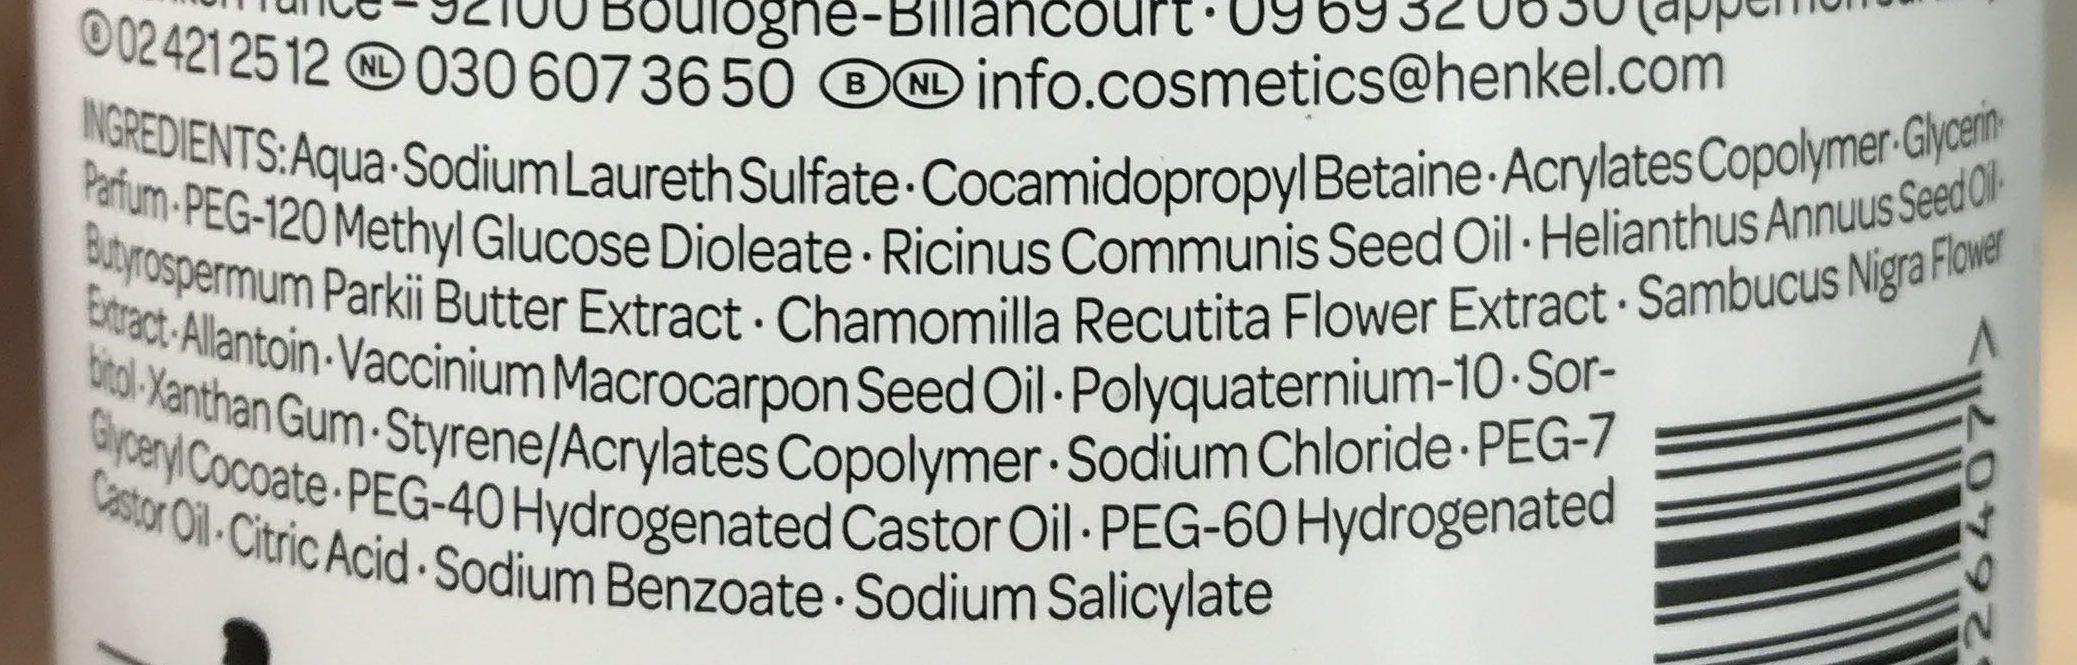 Douche crème apaisante Sensitive - Ingredients - fr